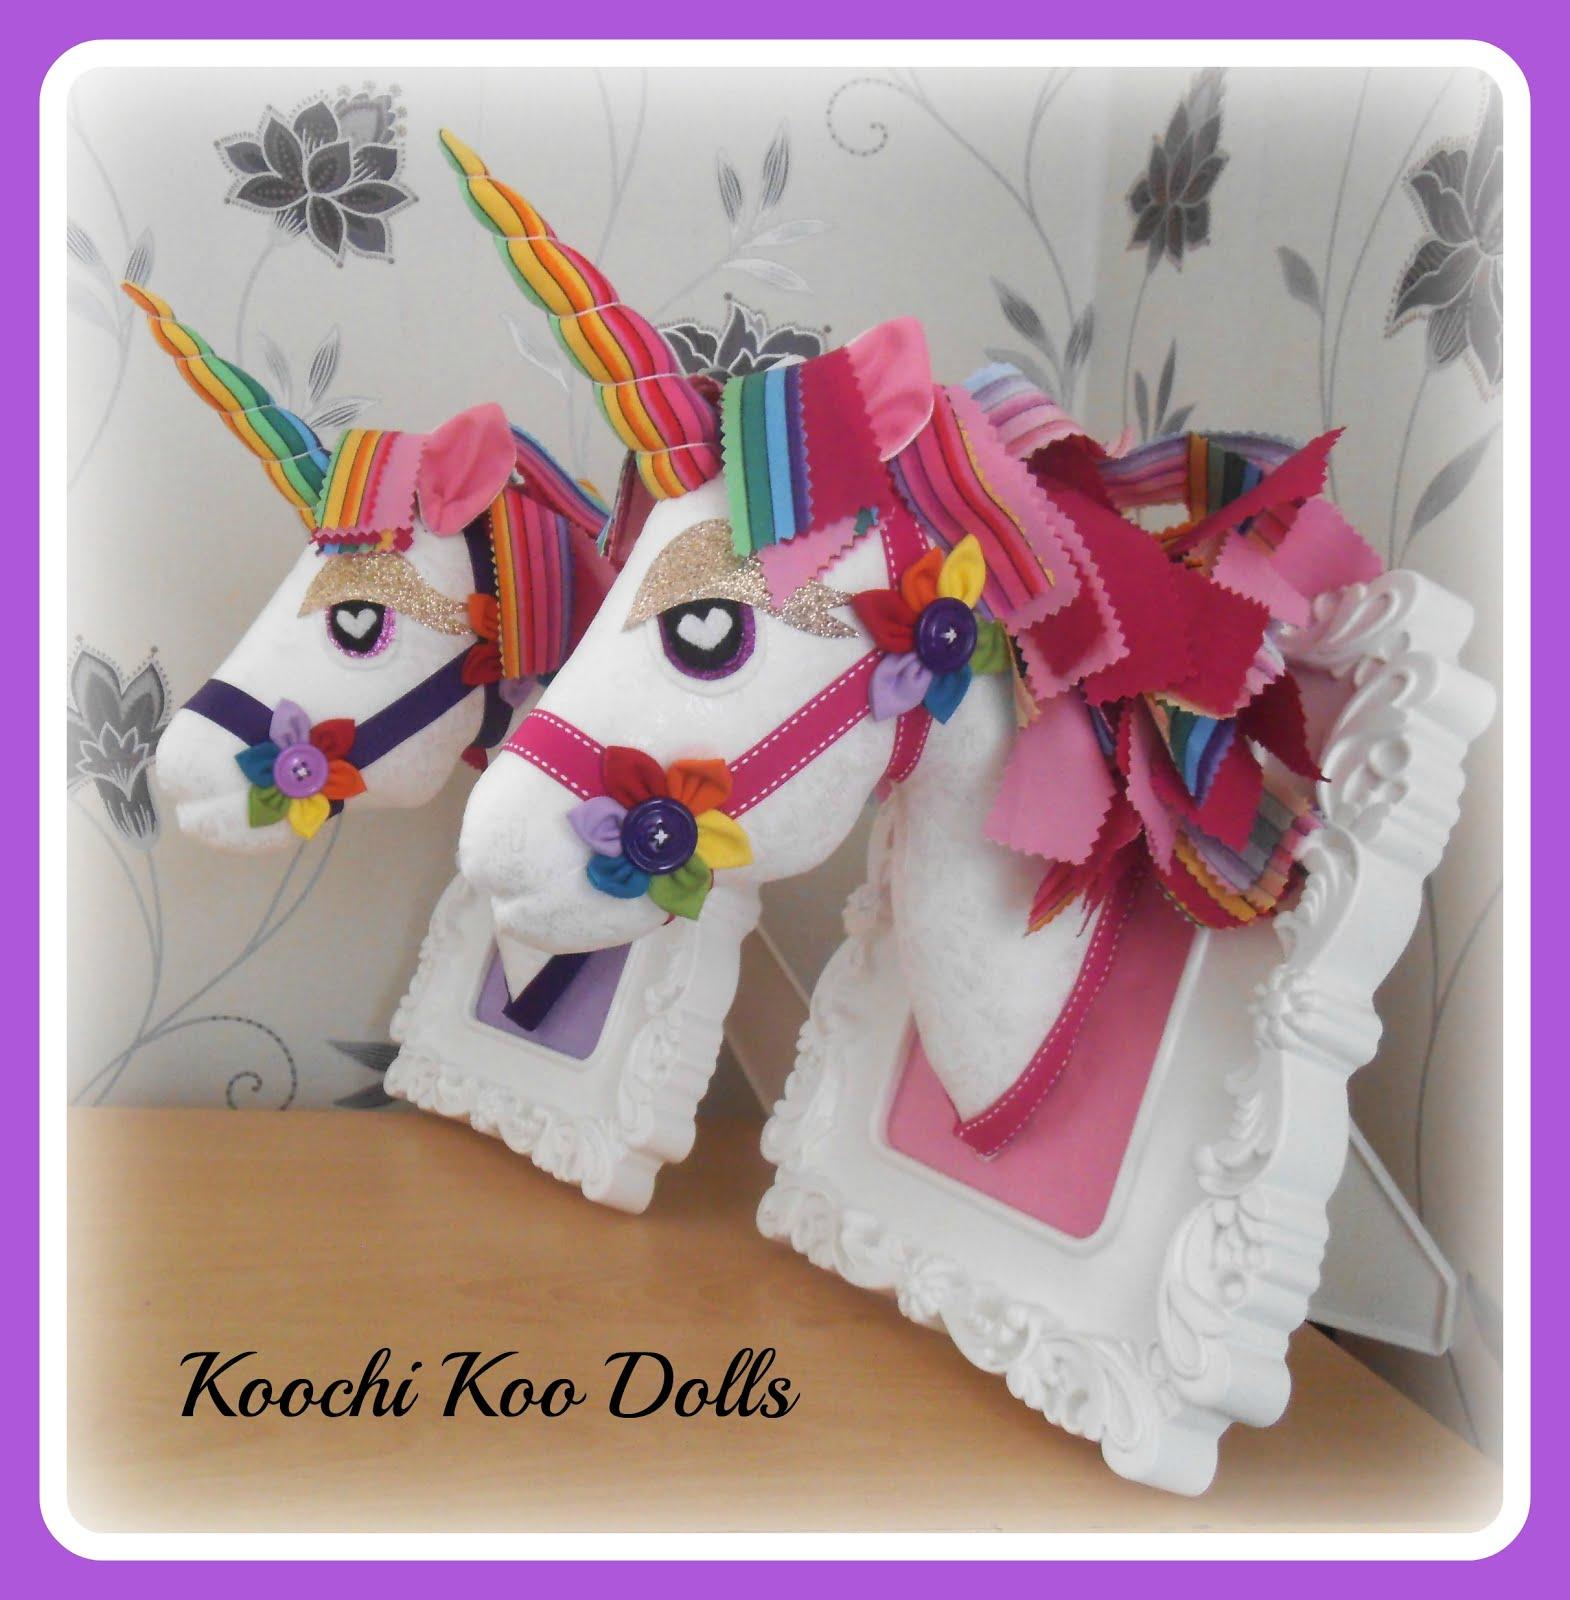 Koochi Koo Dolls